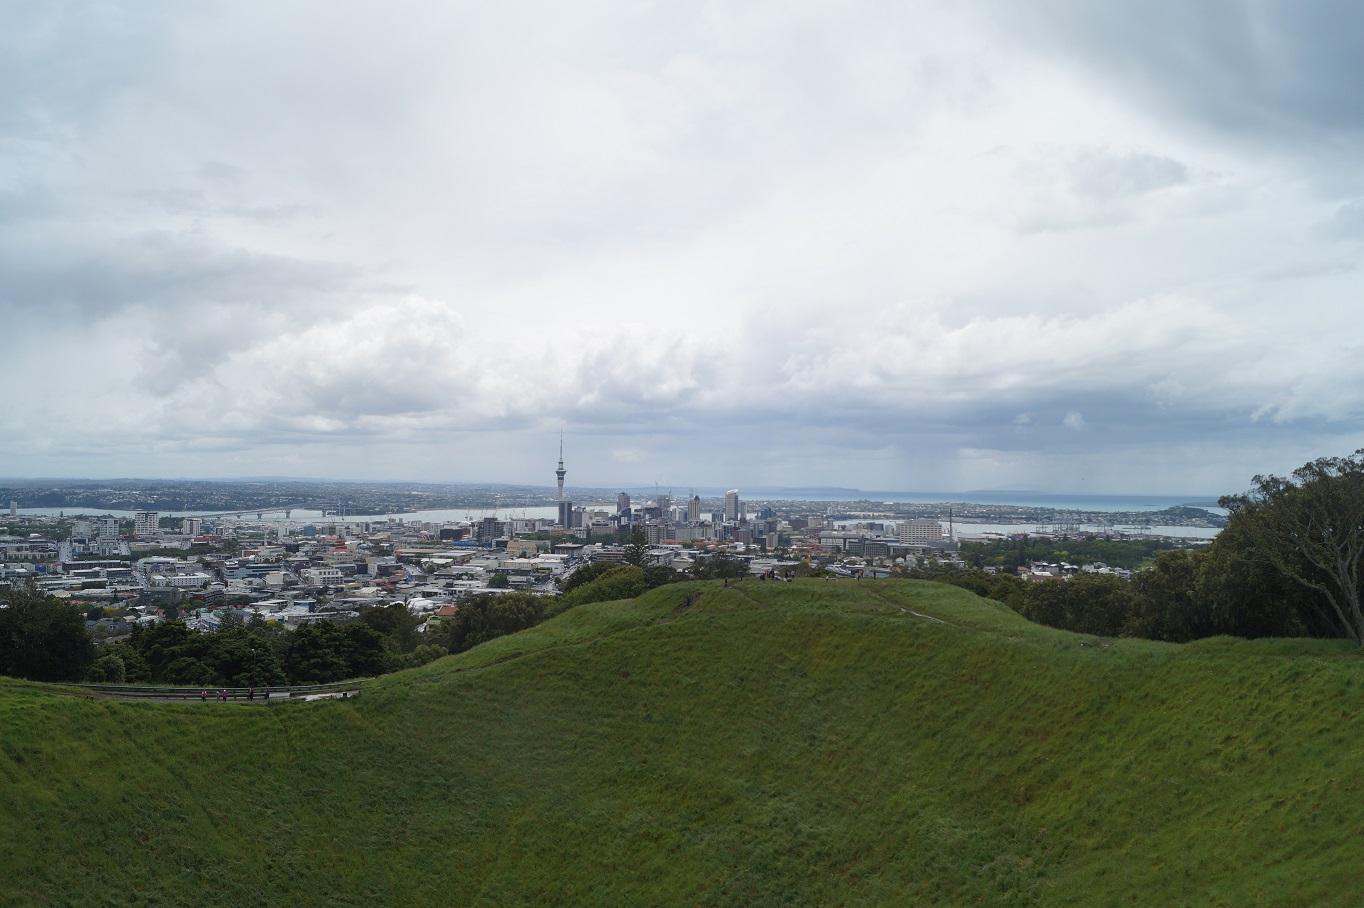 Blick auf den Krater des Mount Eden sowie die Skyline von Auckland